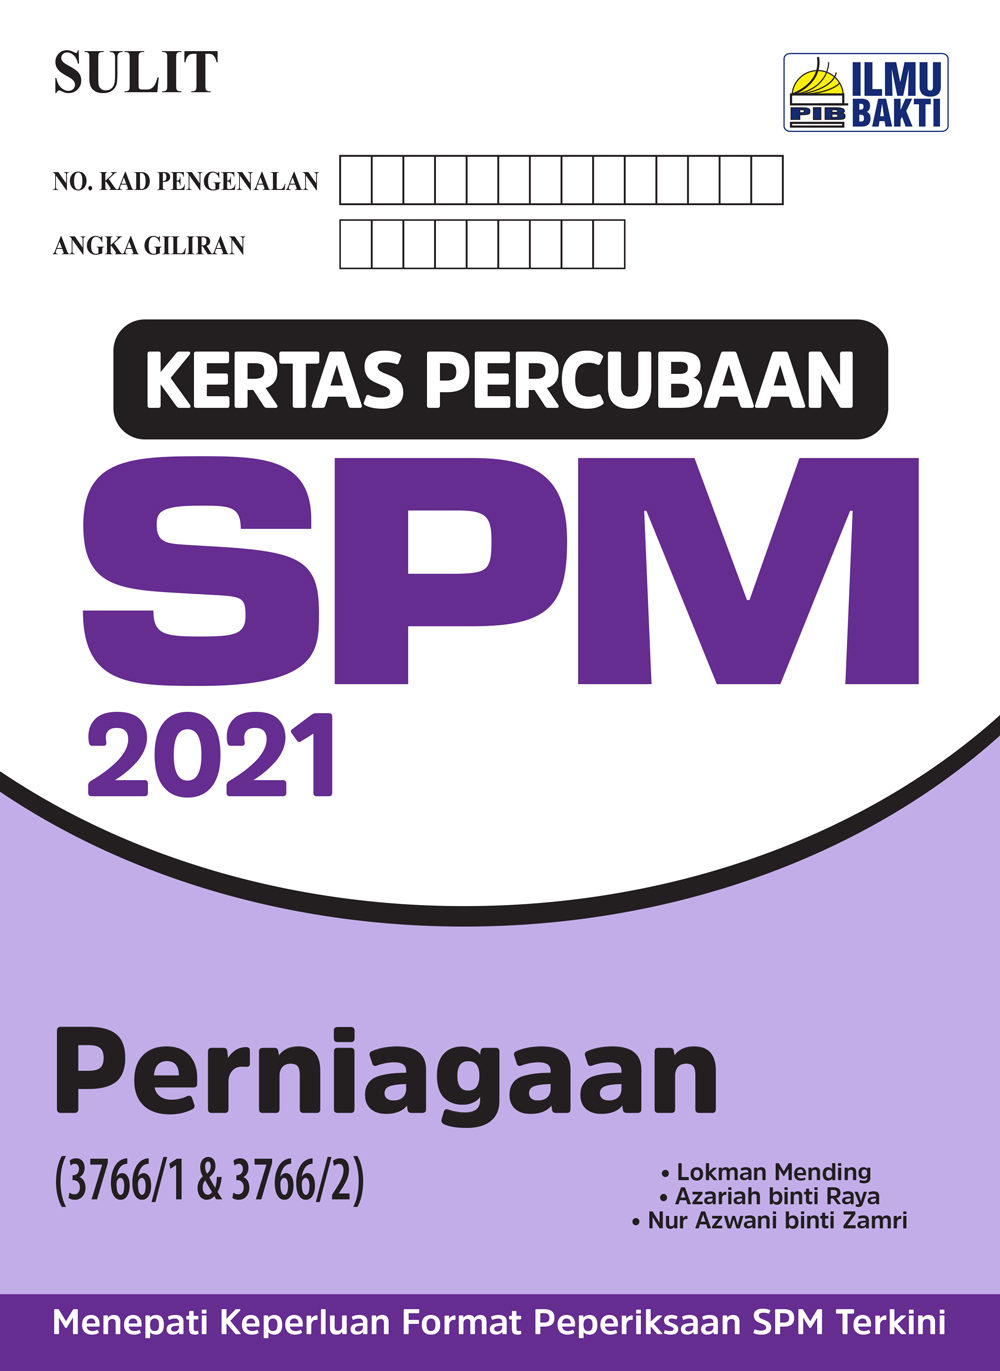 Kertas Percubaan SPM 2021 – Perniagaan